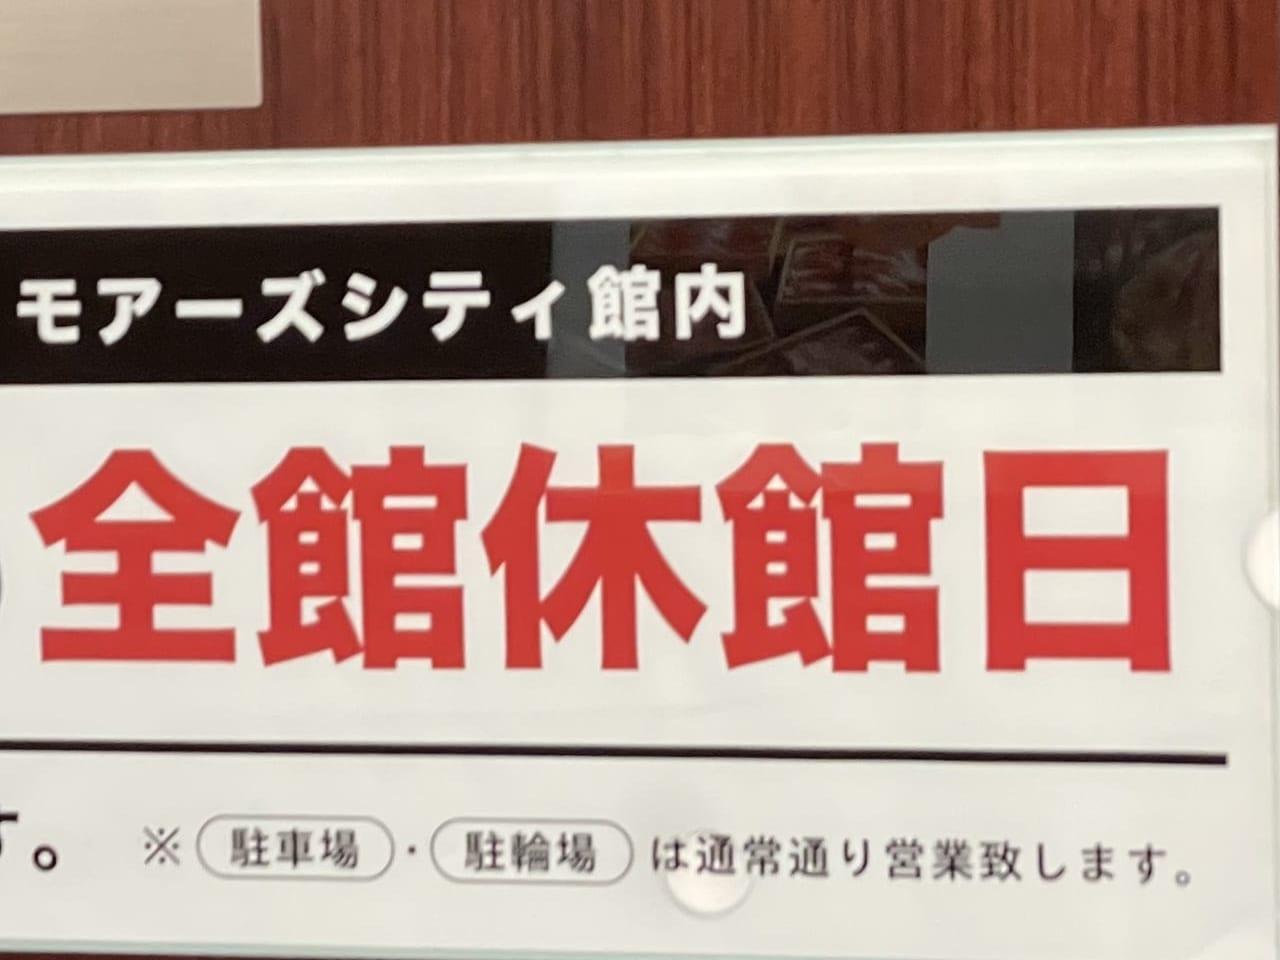 モアーズ横須賀休館